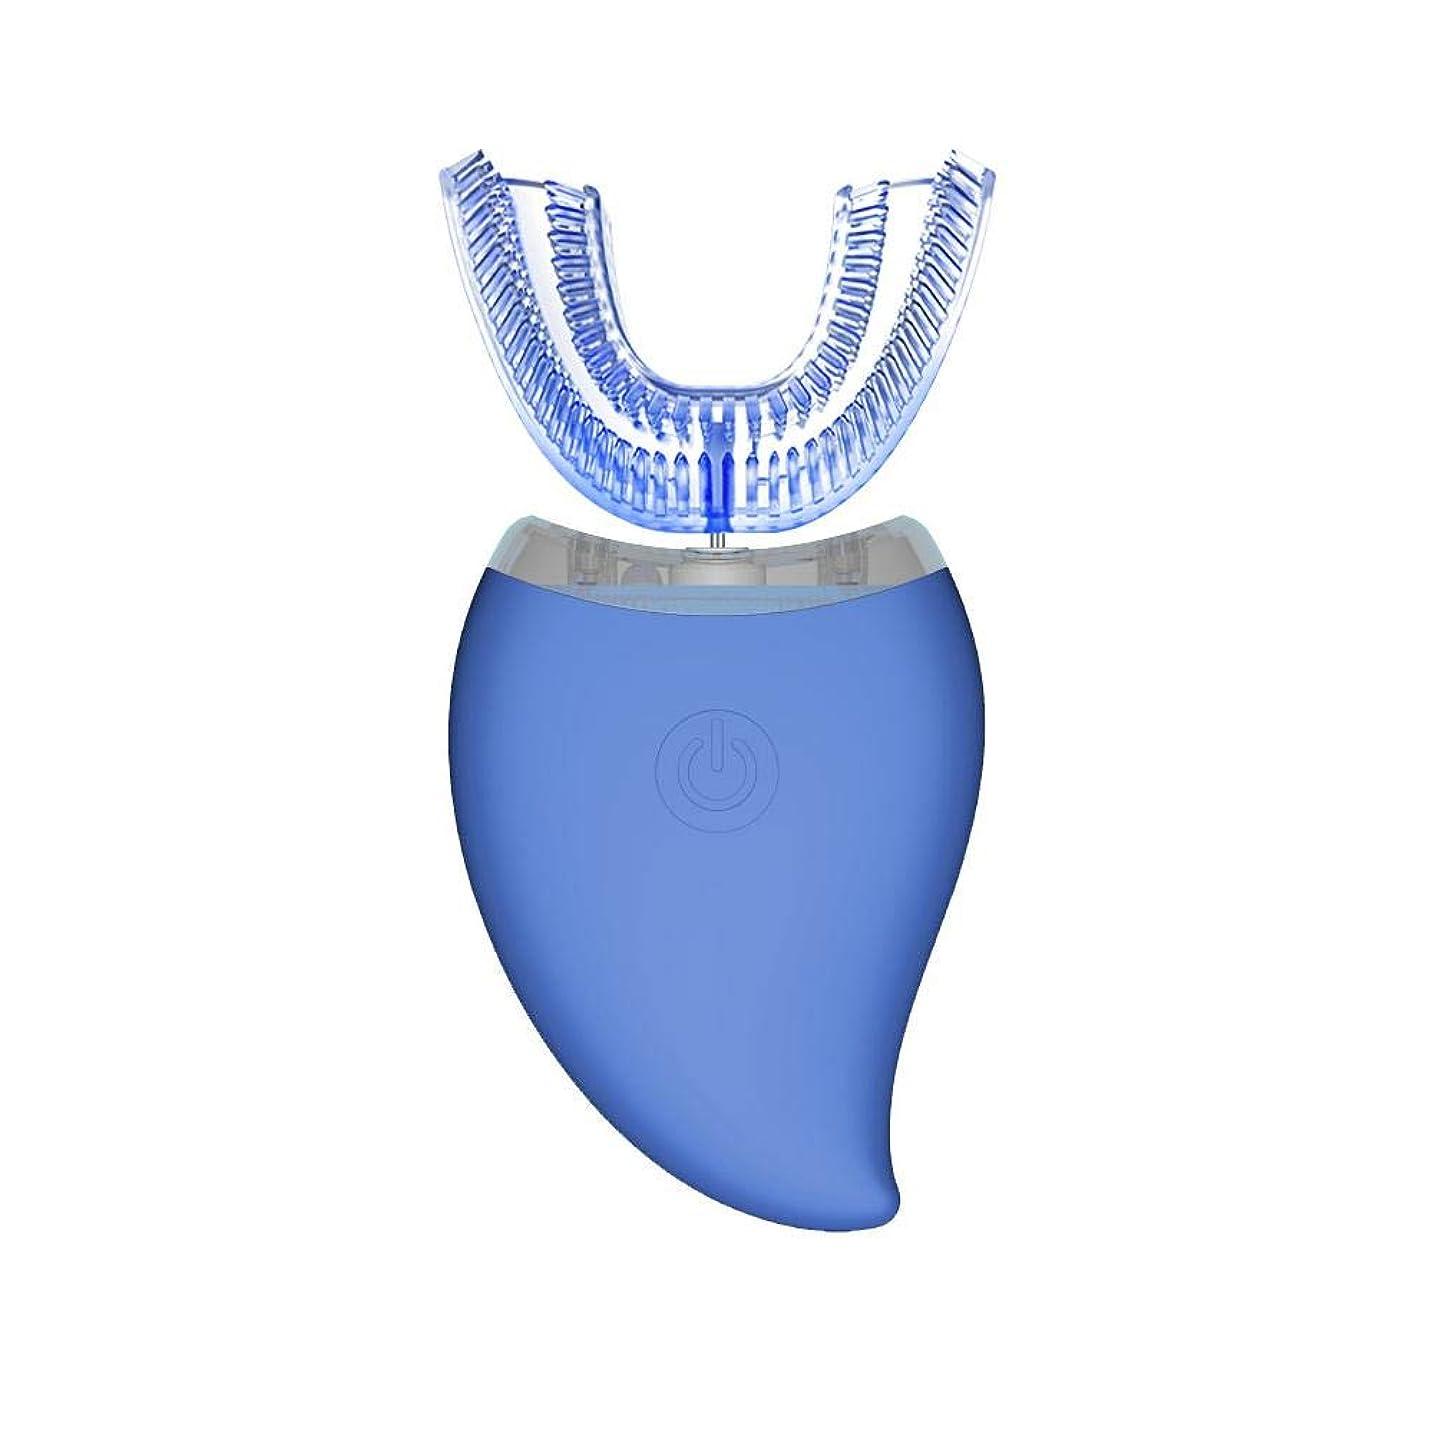 起訴する要塞期待して自動歯ブラシ 怠け者歯ブラシ ナノブルレー 電動 U型 超音波 専門360°全方位 3段調節 15秒に細菌清浄 IPX7レベル防水 自動 歯ブラシ